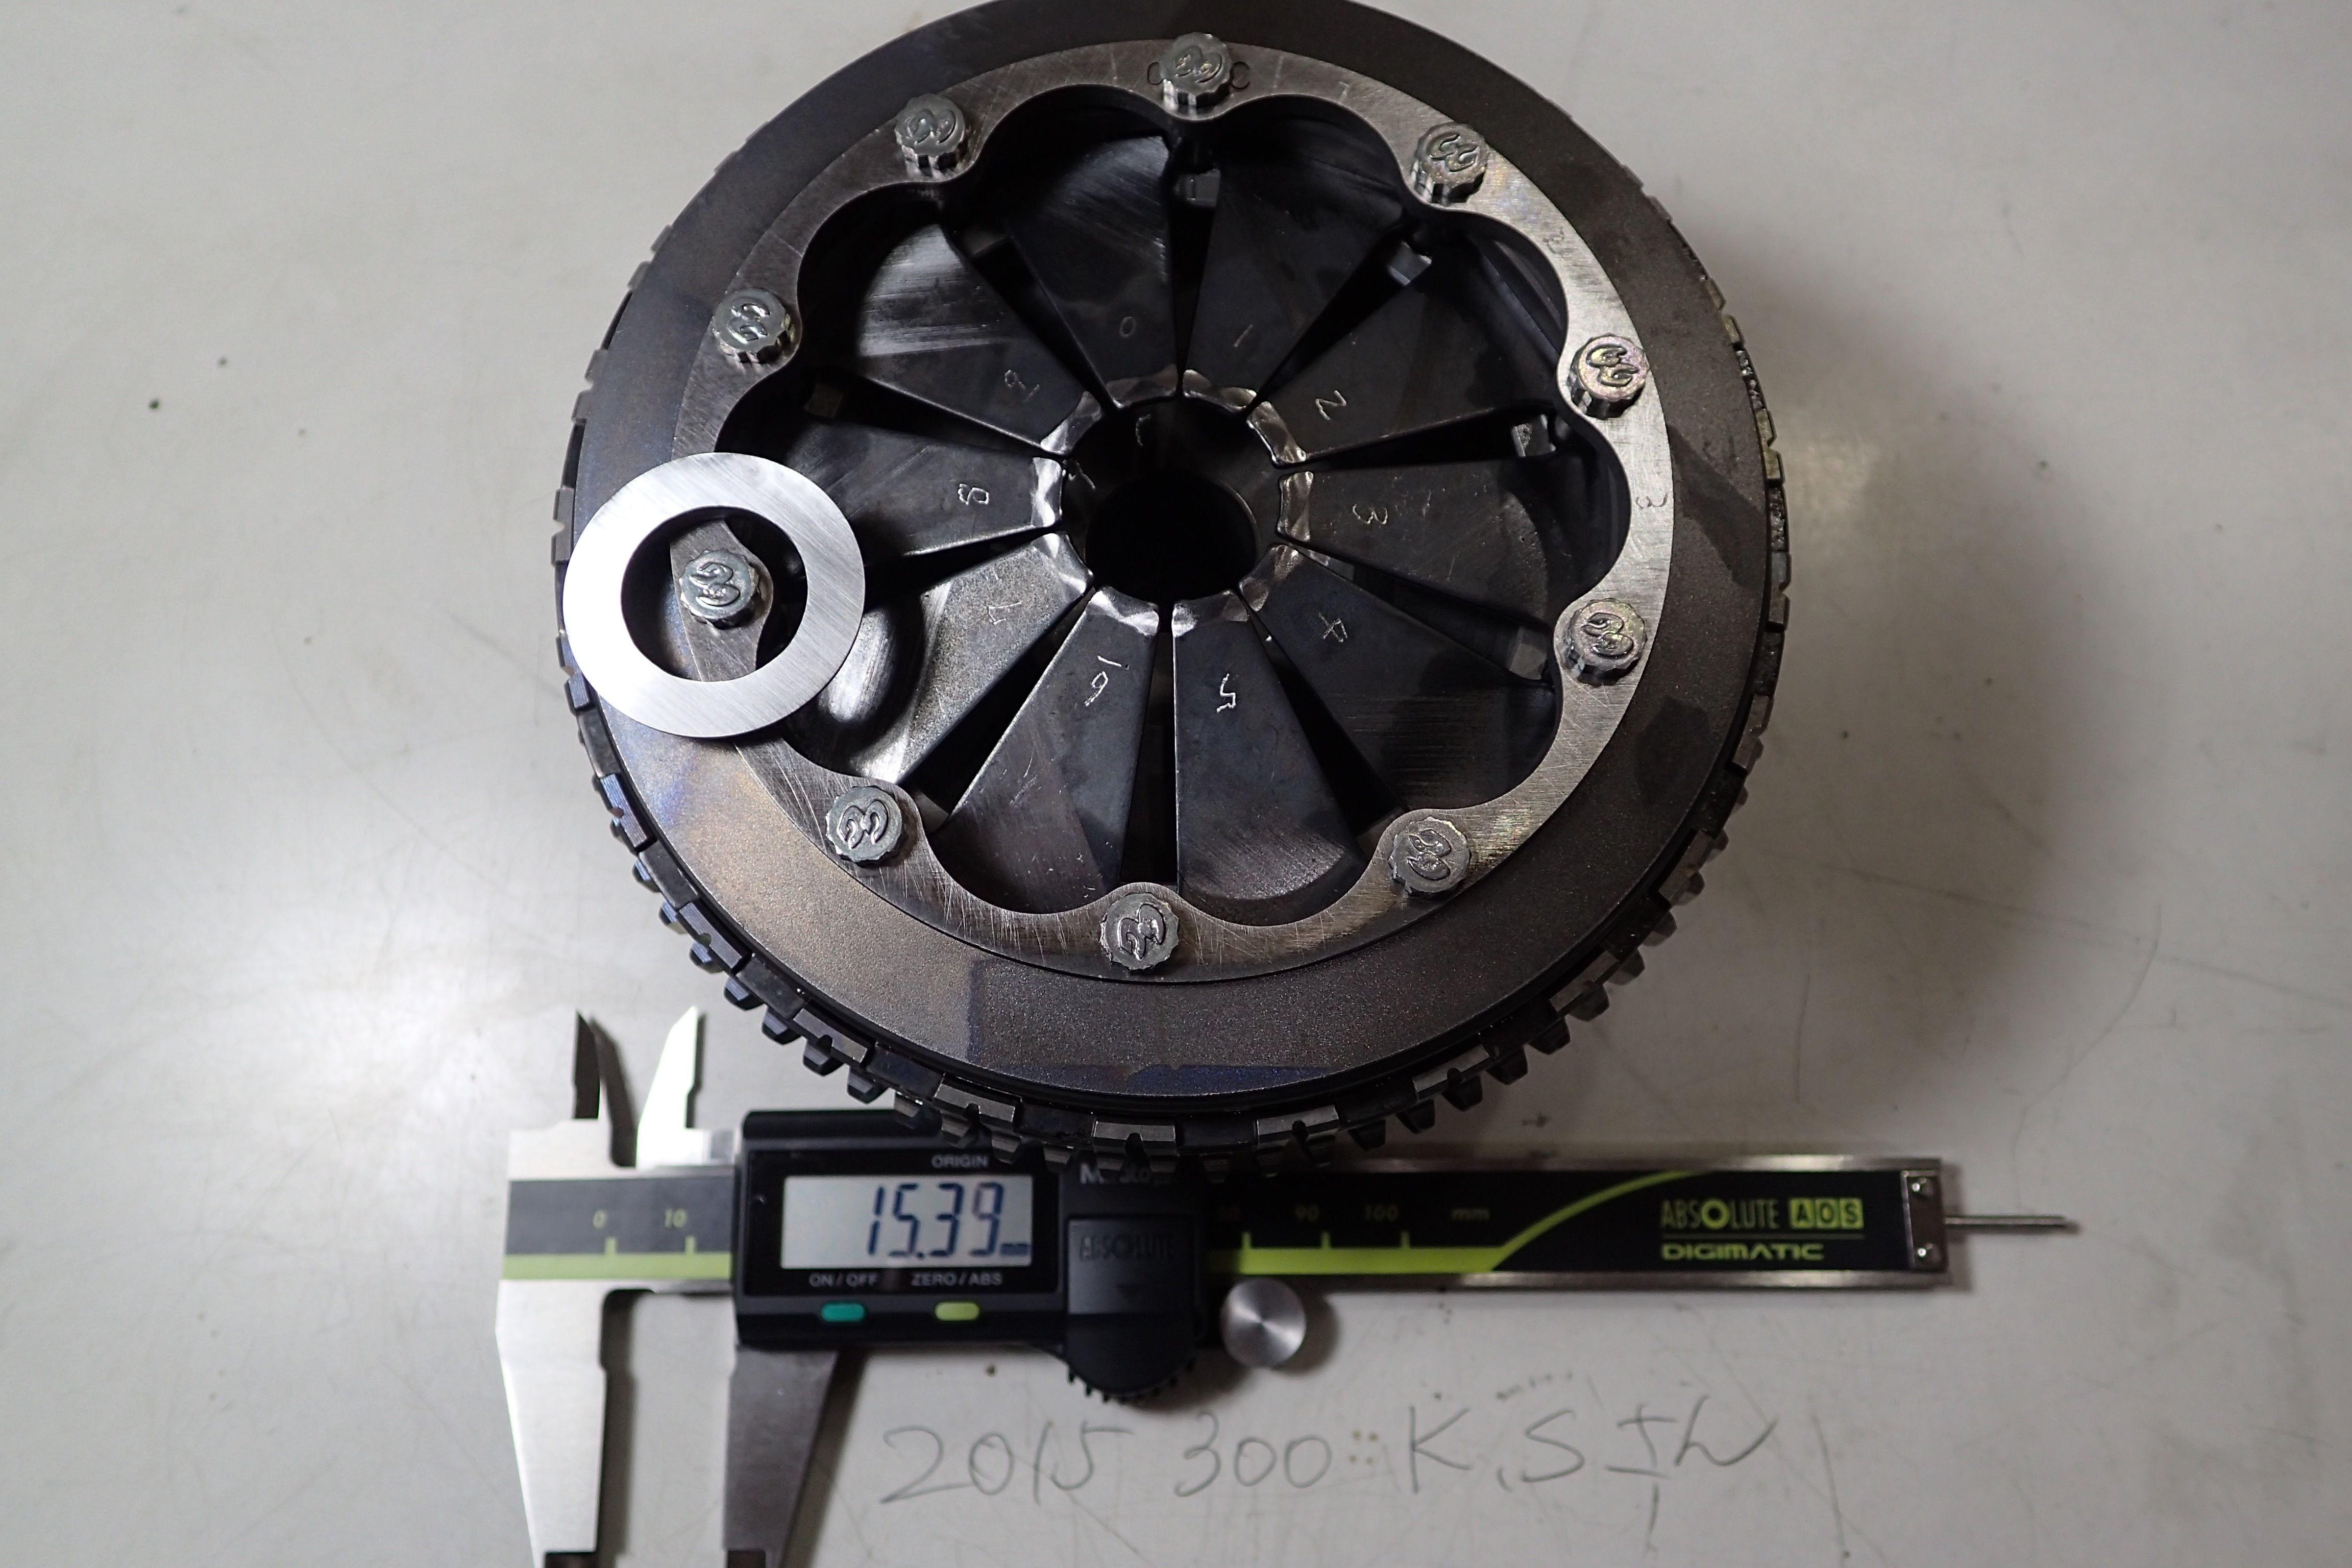 バイクパーツ加工 GASGAS JTG TRS 17Sherco 17Scorpa Vertigoクラッチチューニング